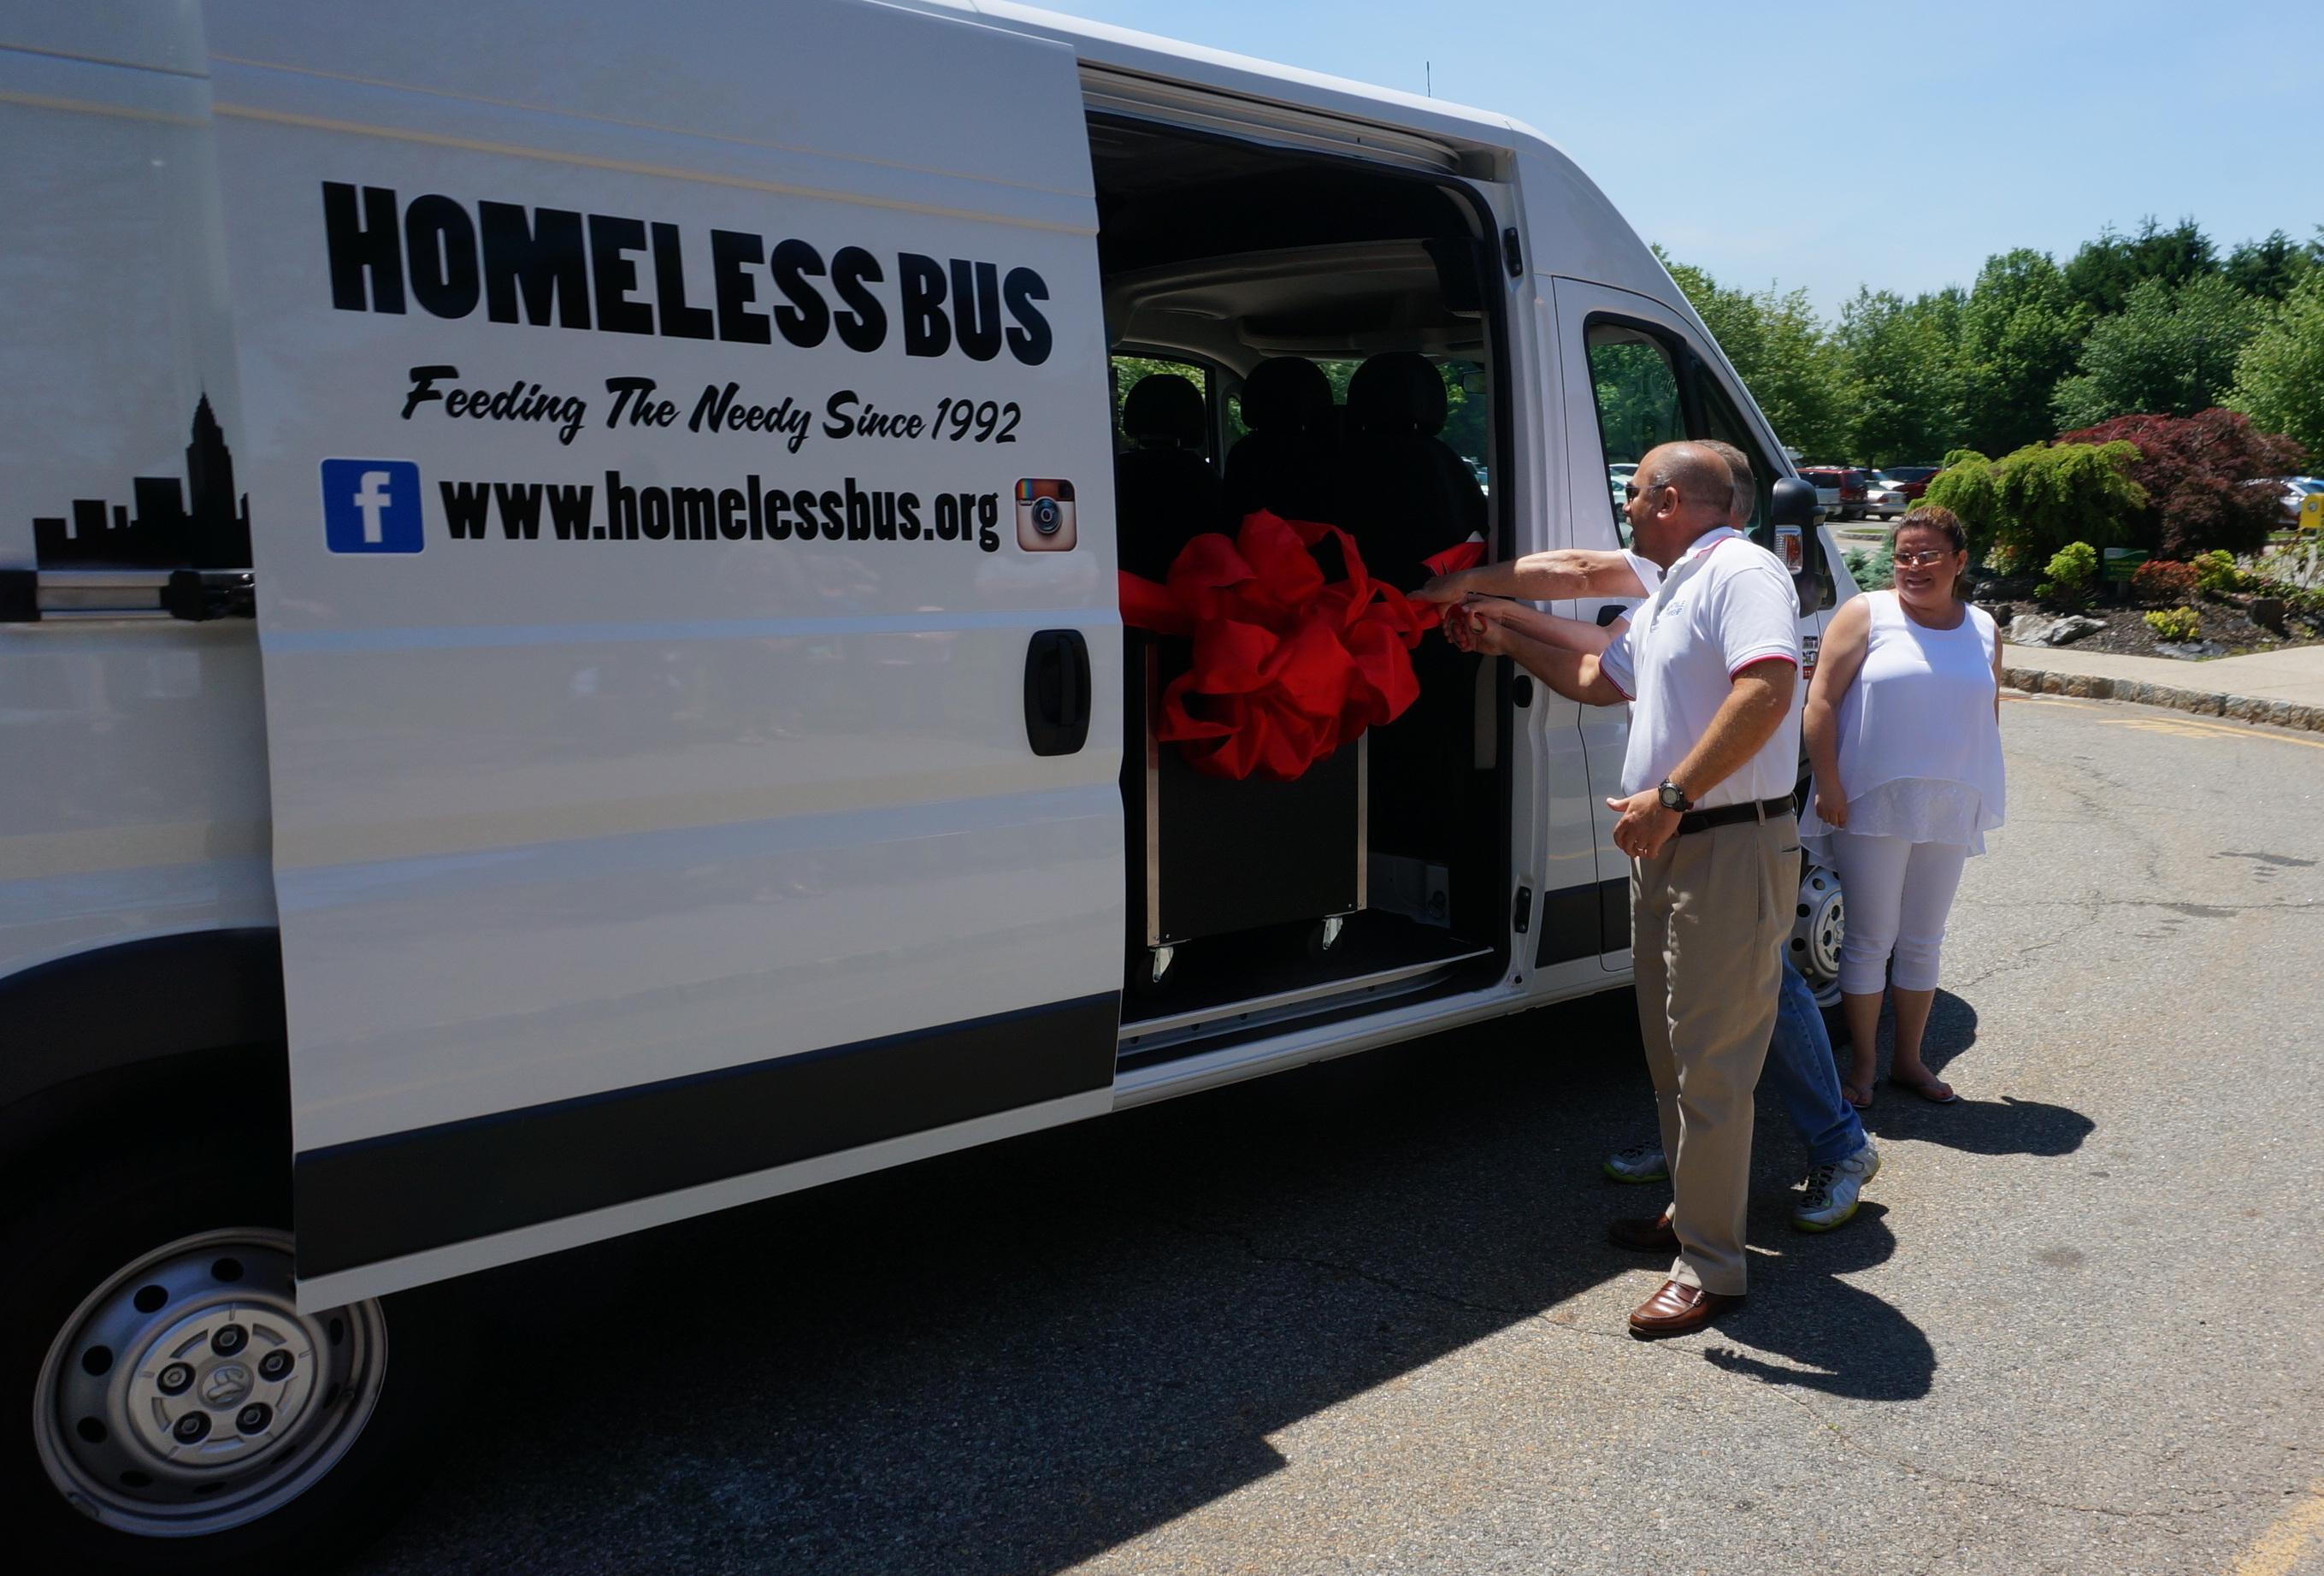 bbbe6585e923d3ed3d7c_best_Homeless_Bus_Reveal_006.JPG